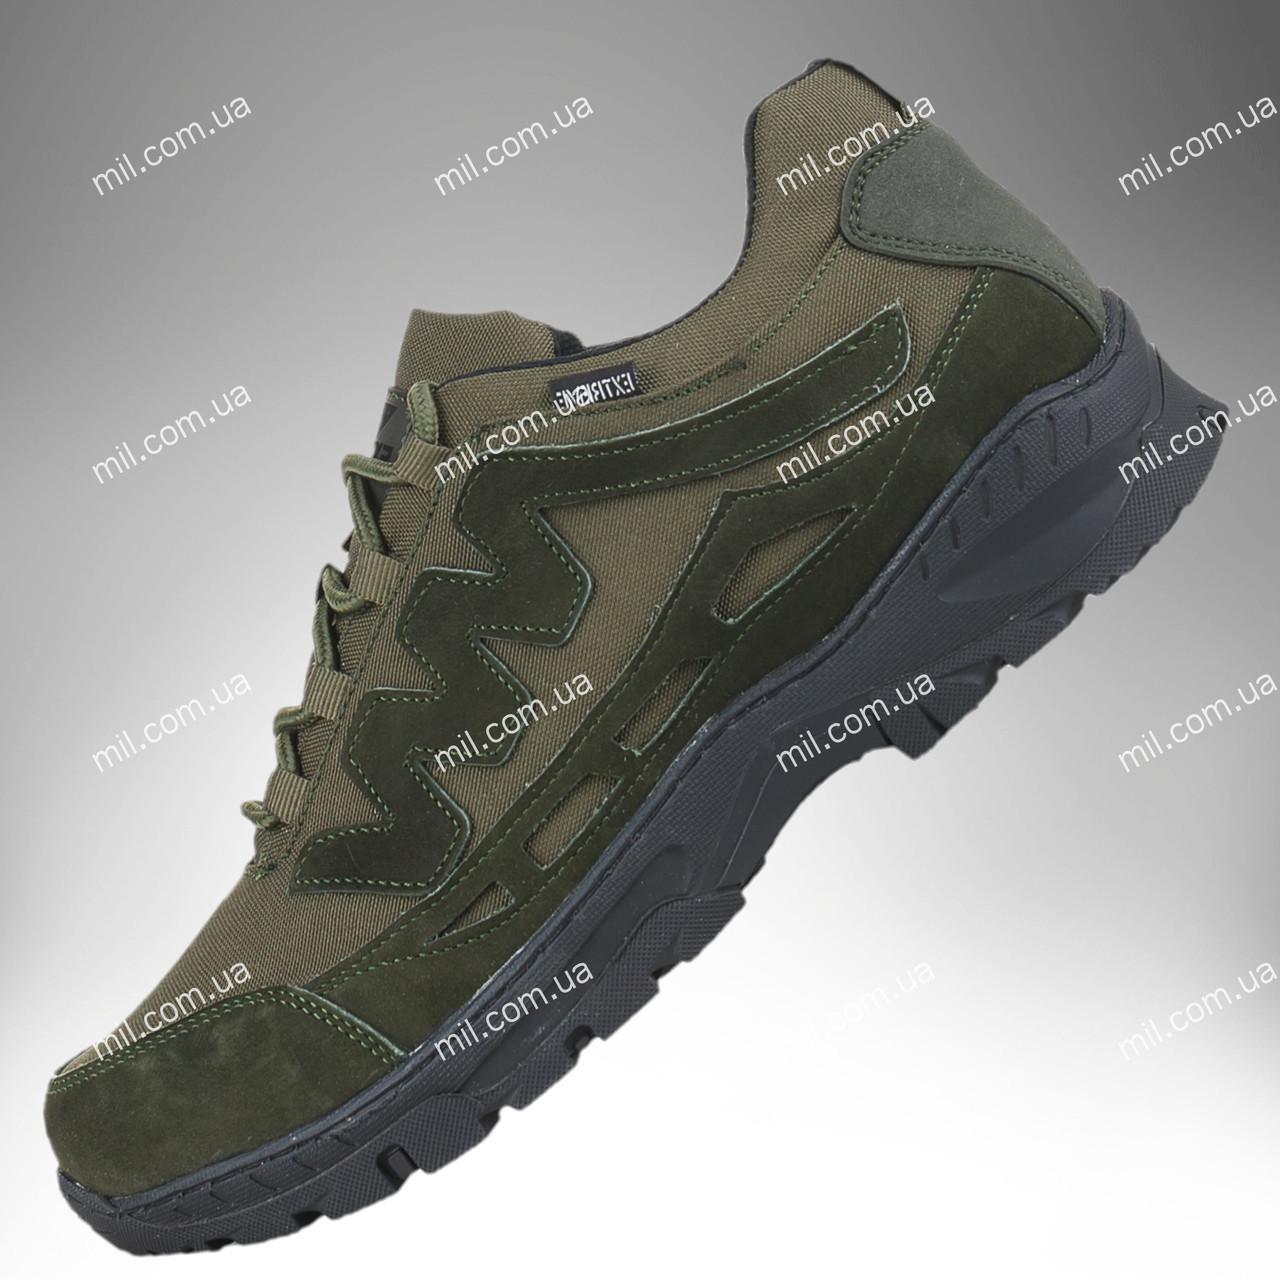 Тактичні кросівки / демісезонна військова взуття Comanche Gen.II (olive)